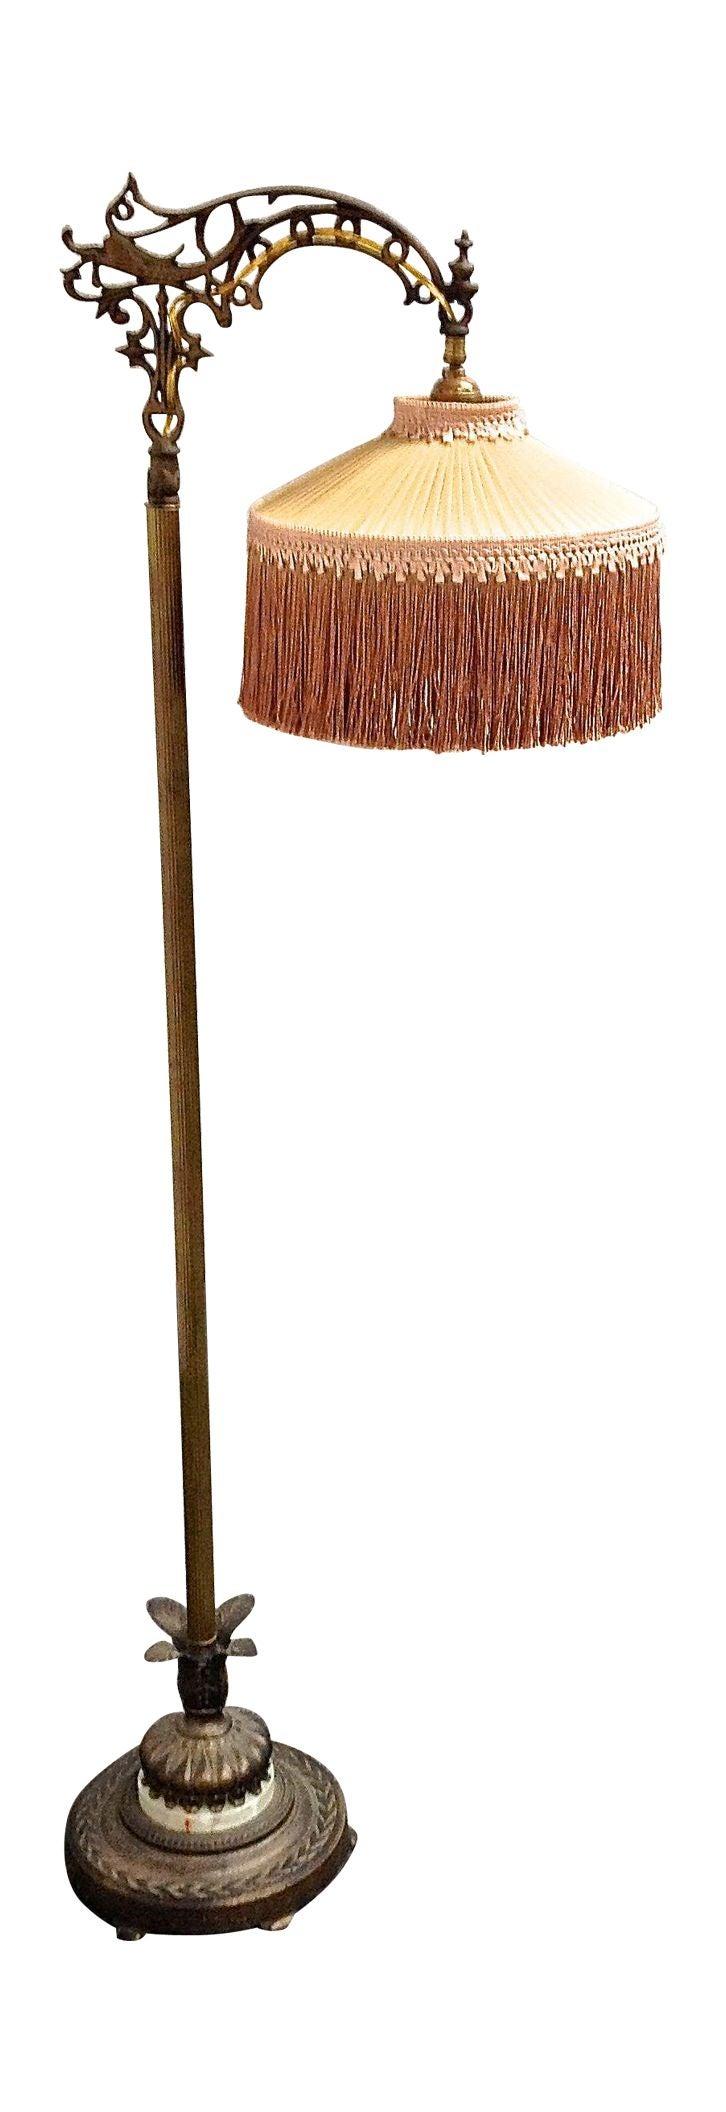 Antique 1930 39 s bronze floor lamp chairish for 1930s floor lamps